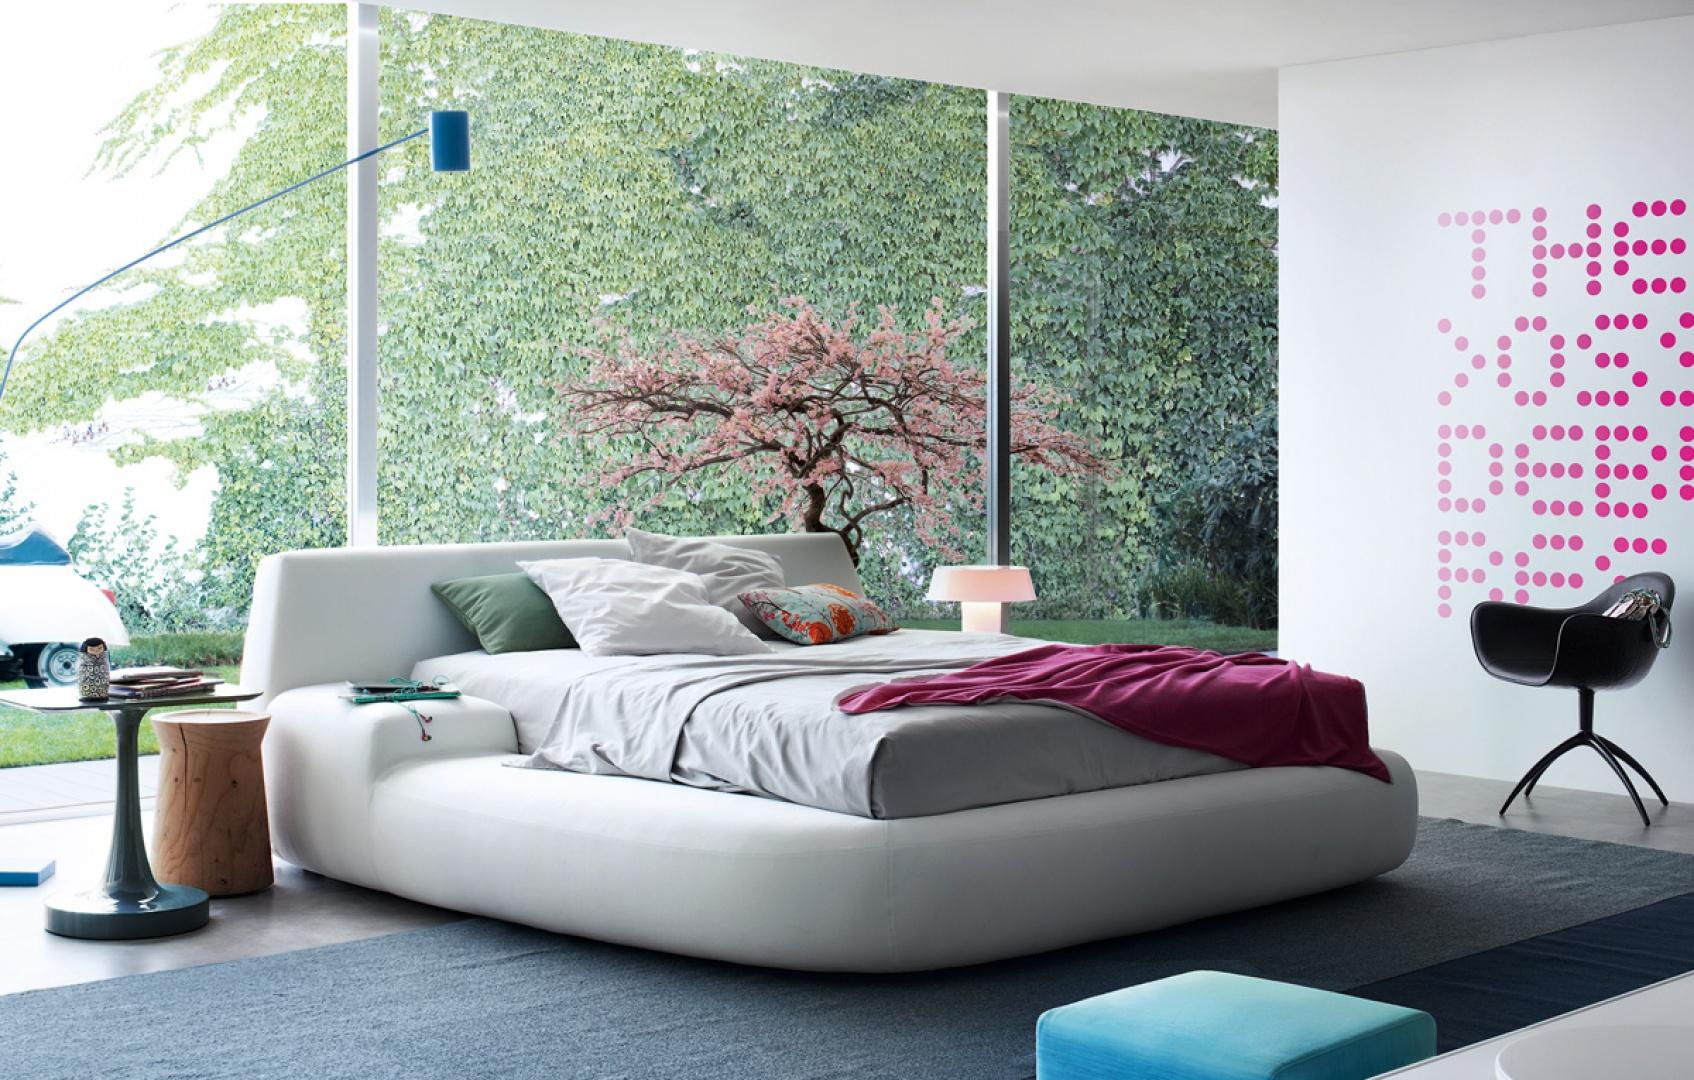 Big Bed to łóżko o obłych kształtach. Łózko dostępne z podłokietnikiem umieszczonym po prawej lub lewej stronie. Fot. Poliform.